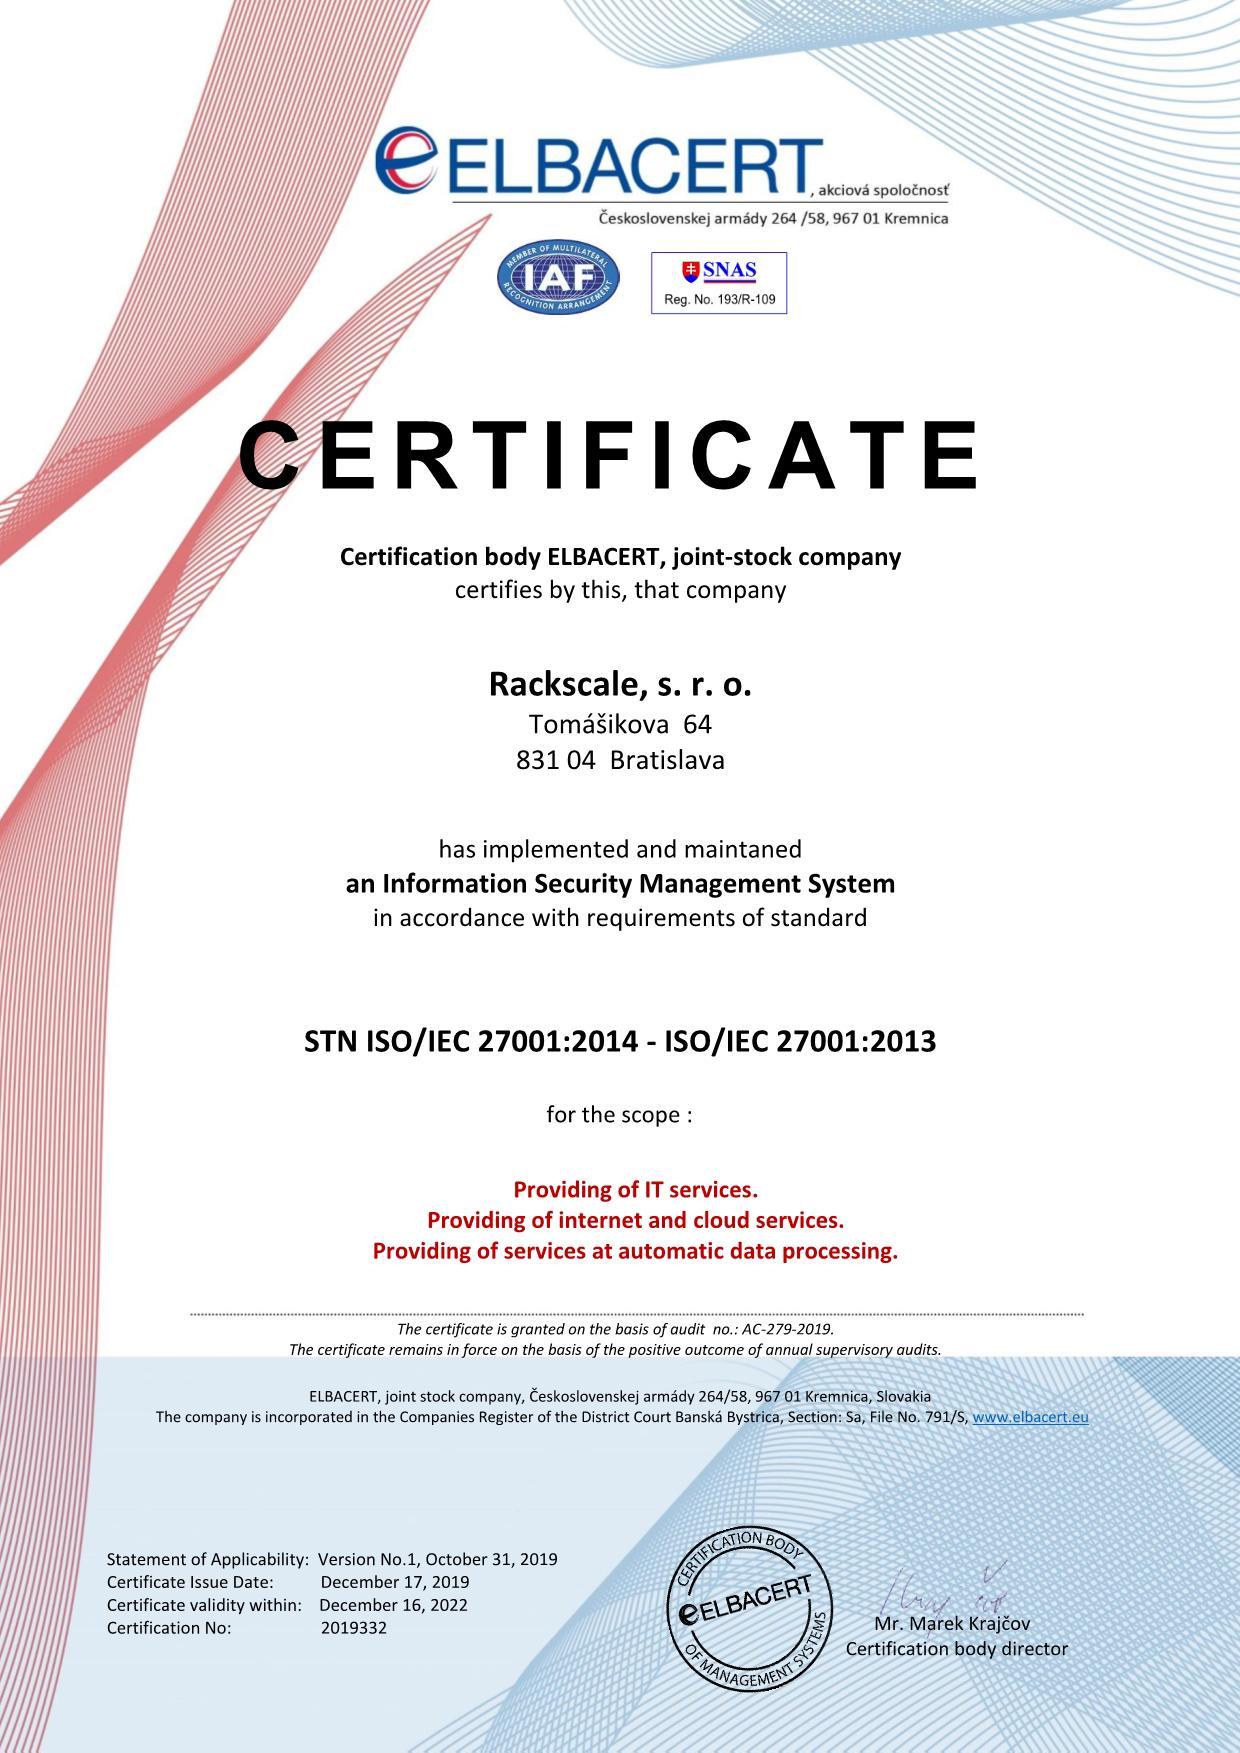 ISO/IEC 27001:2014 - ISO/IEC 27001:2013